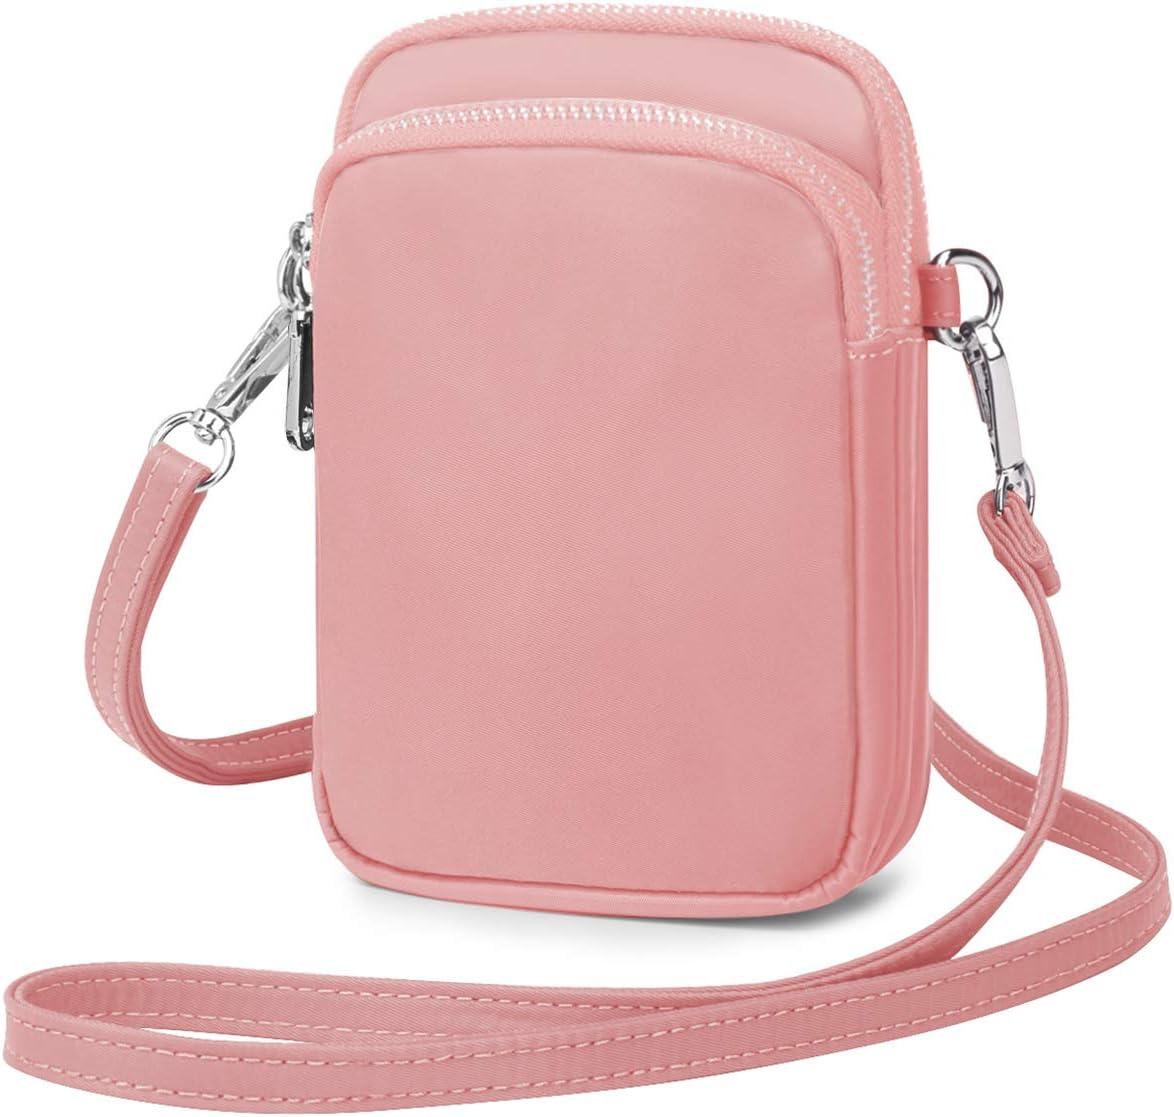 Wind Took Handy Schultertasche Kleine Damen Umh/ängetasche Handytasche Brieftasche Kartentasche Crossbody Bag Mini Sack A - Korallenrosa